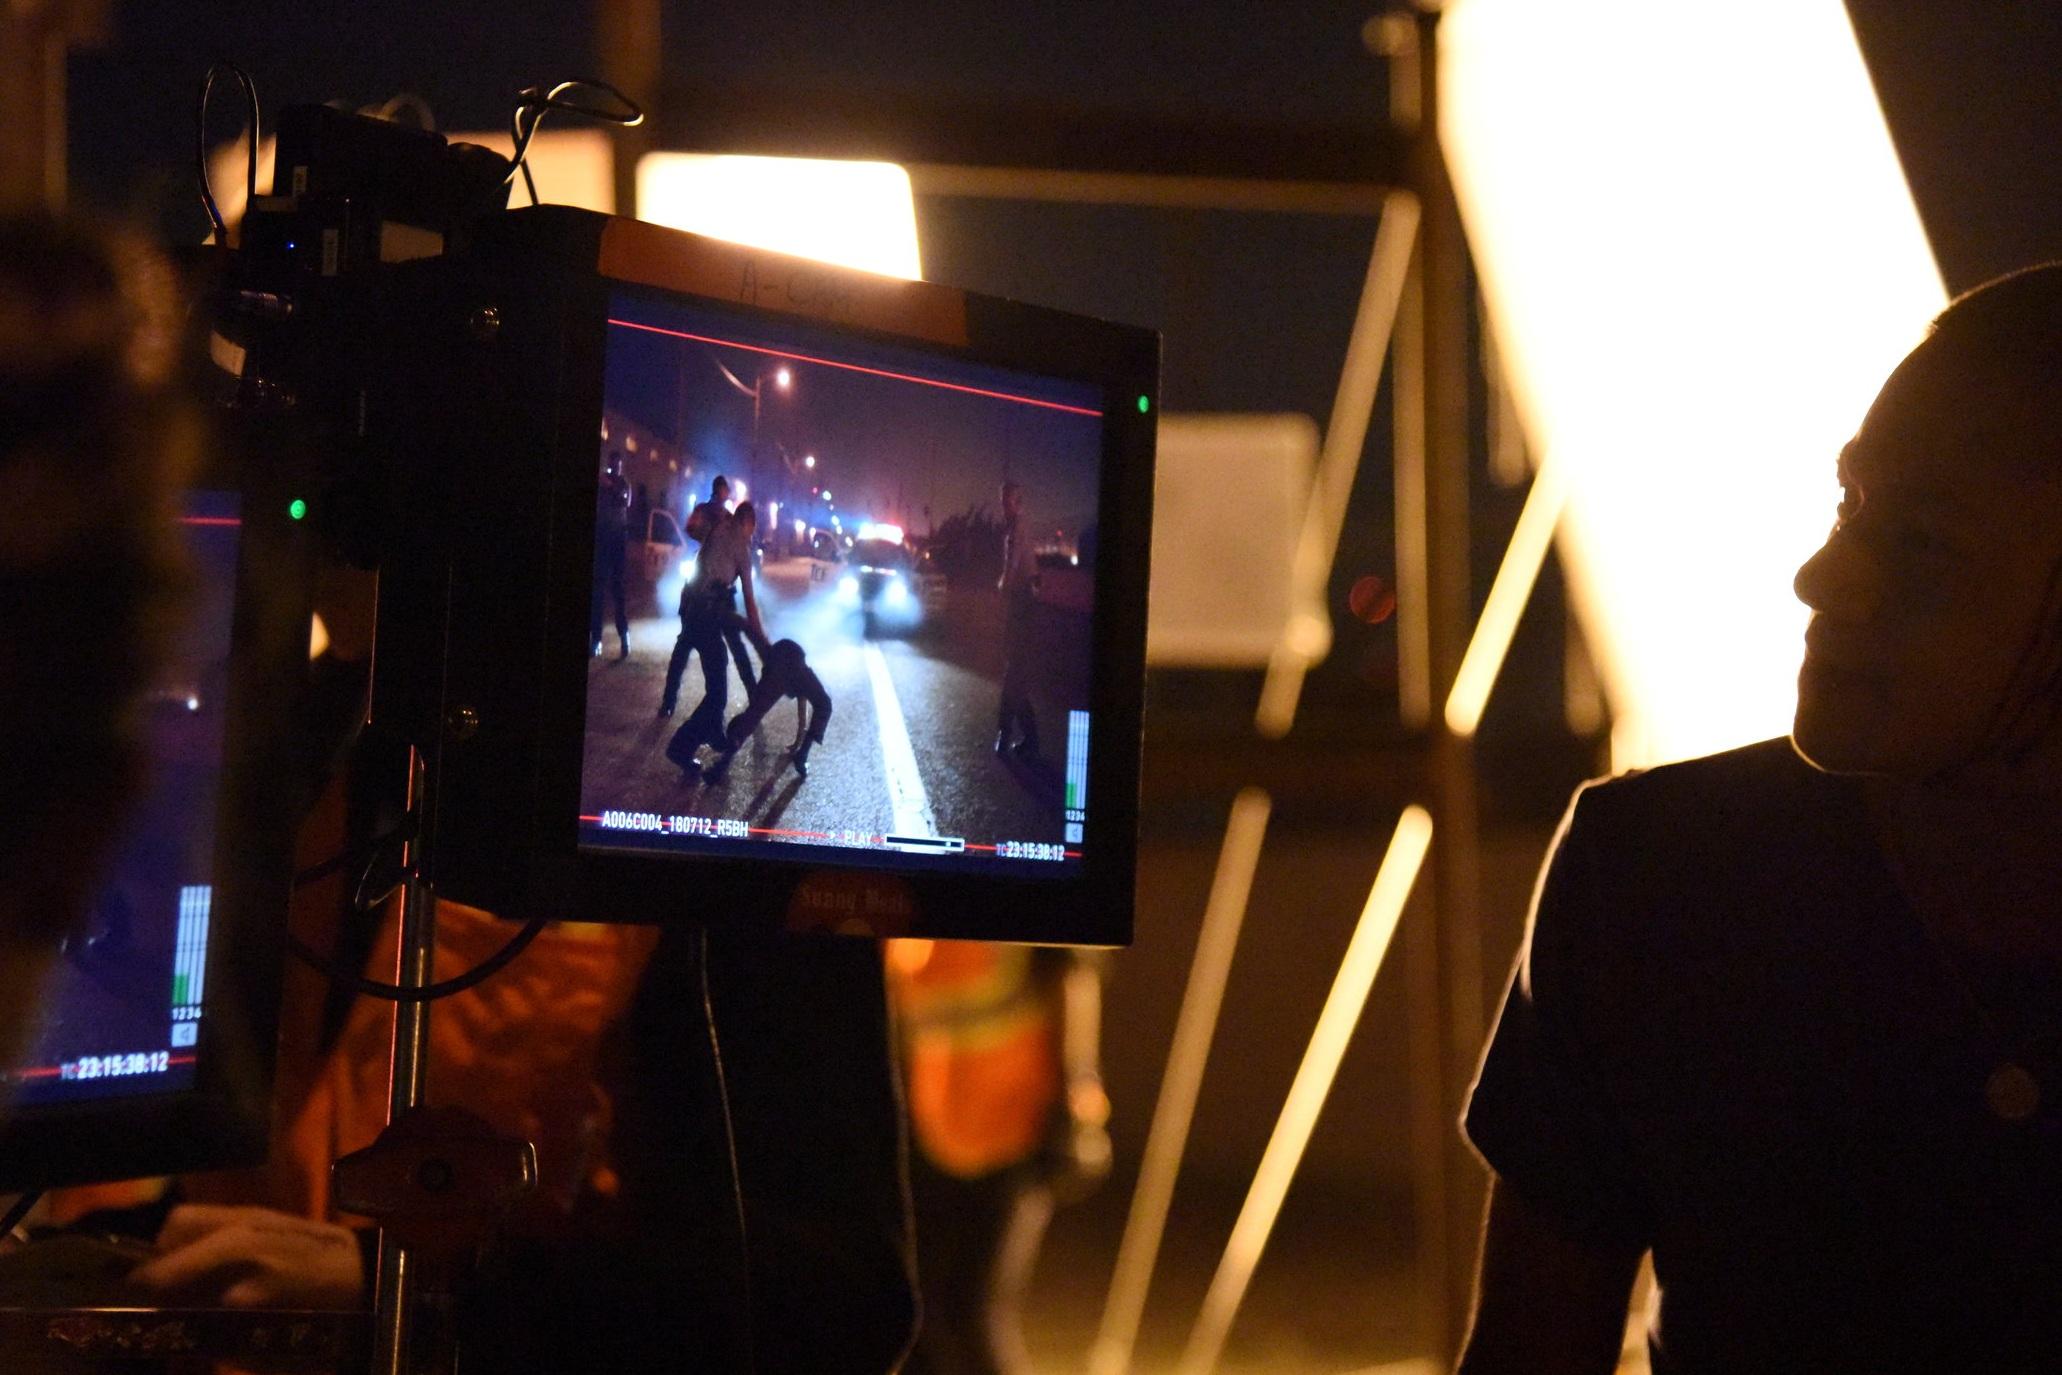 Actor  Brandon Soo Hoo  sneaks behind the monitors to watch playback.